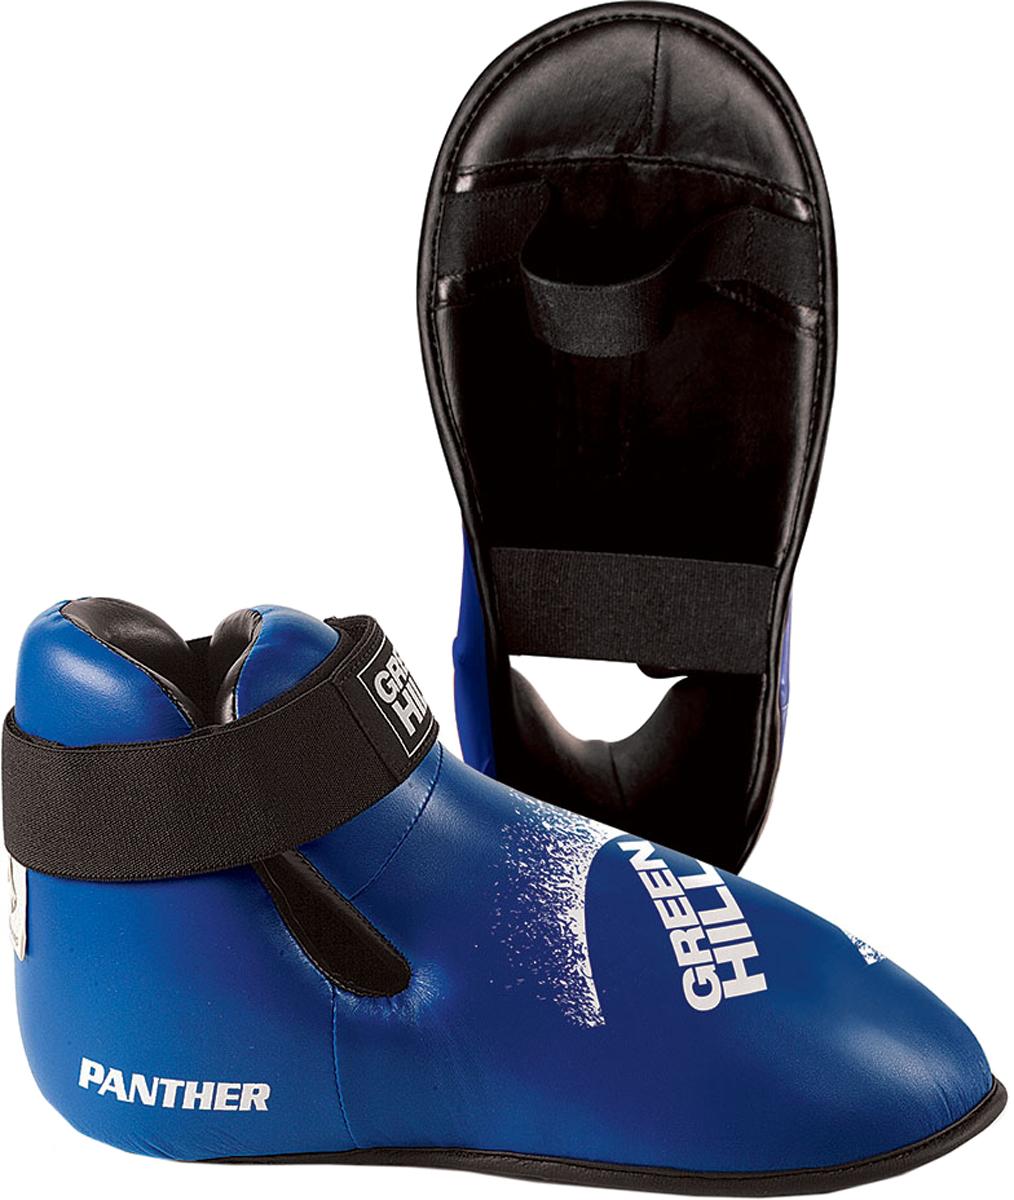 Футы Green Hill Panther, цвет: синий. KBSP-3076. Размер XSKBSP-3076Футы Green Hill Panther применяются для занятий кикбоксингом. Выполнены из высококачественной искусственной кожи, наполнитель - вспененный полимер. Резинки на липучке в задней части футов обеспечивают лучшую фиксацию ноги. Длина стопы: 24 см. Ширина: 11 см. Размер ноги должен быть меньше на 1-1,5 см.